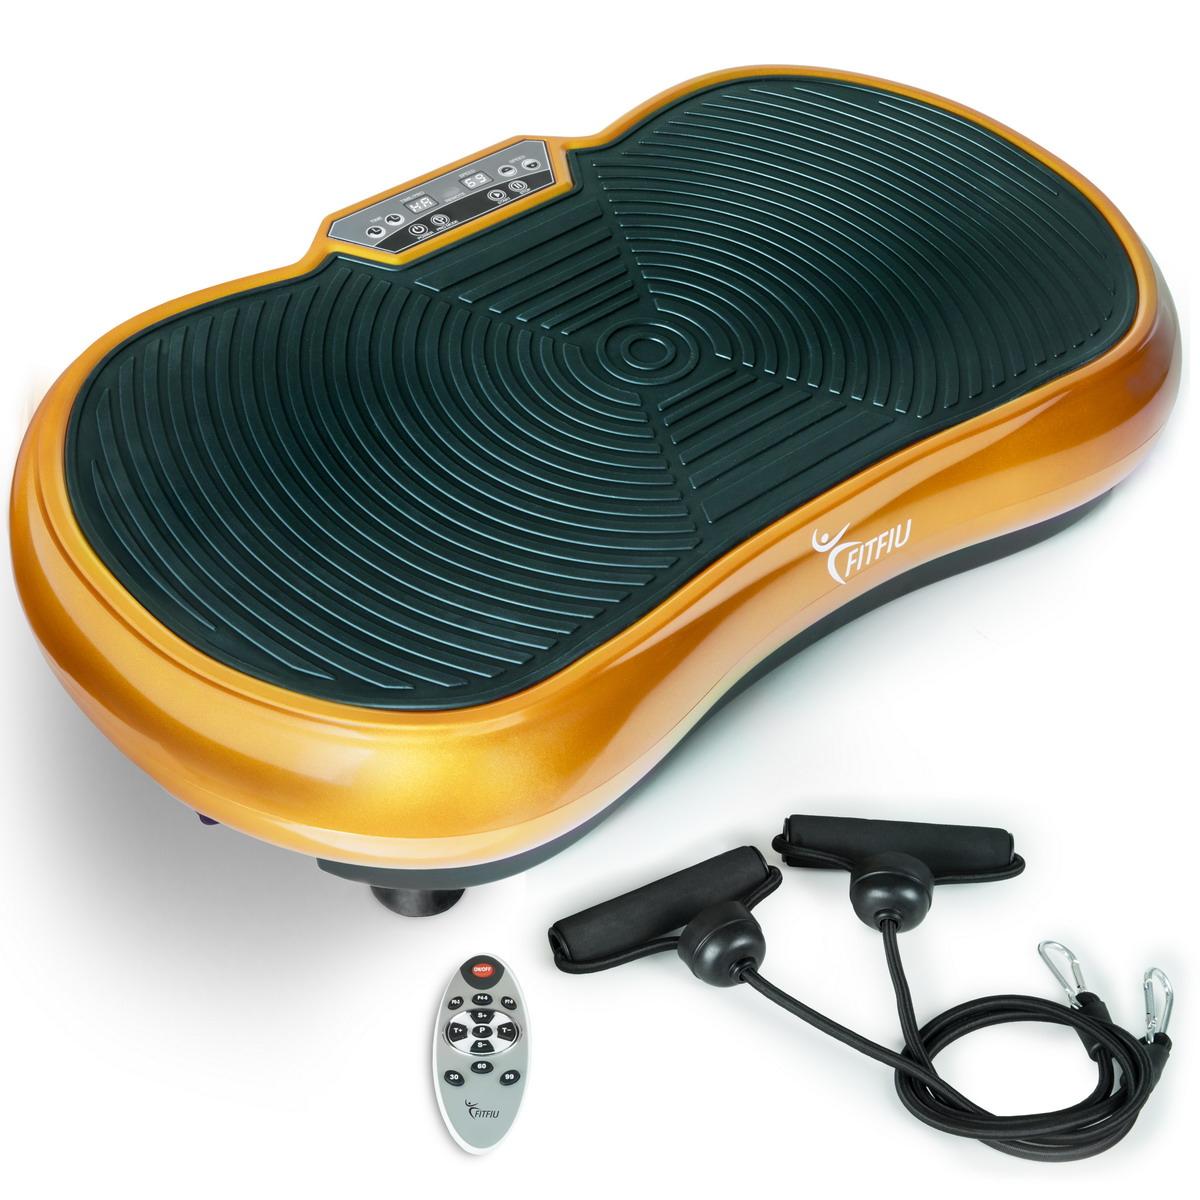 Plataforma vibratoria oscilante 400w con cuerdas elasticas y 9 programas -FITFIU